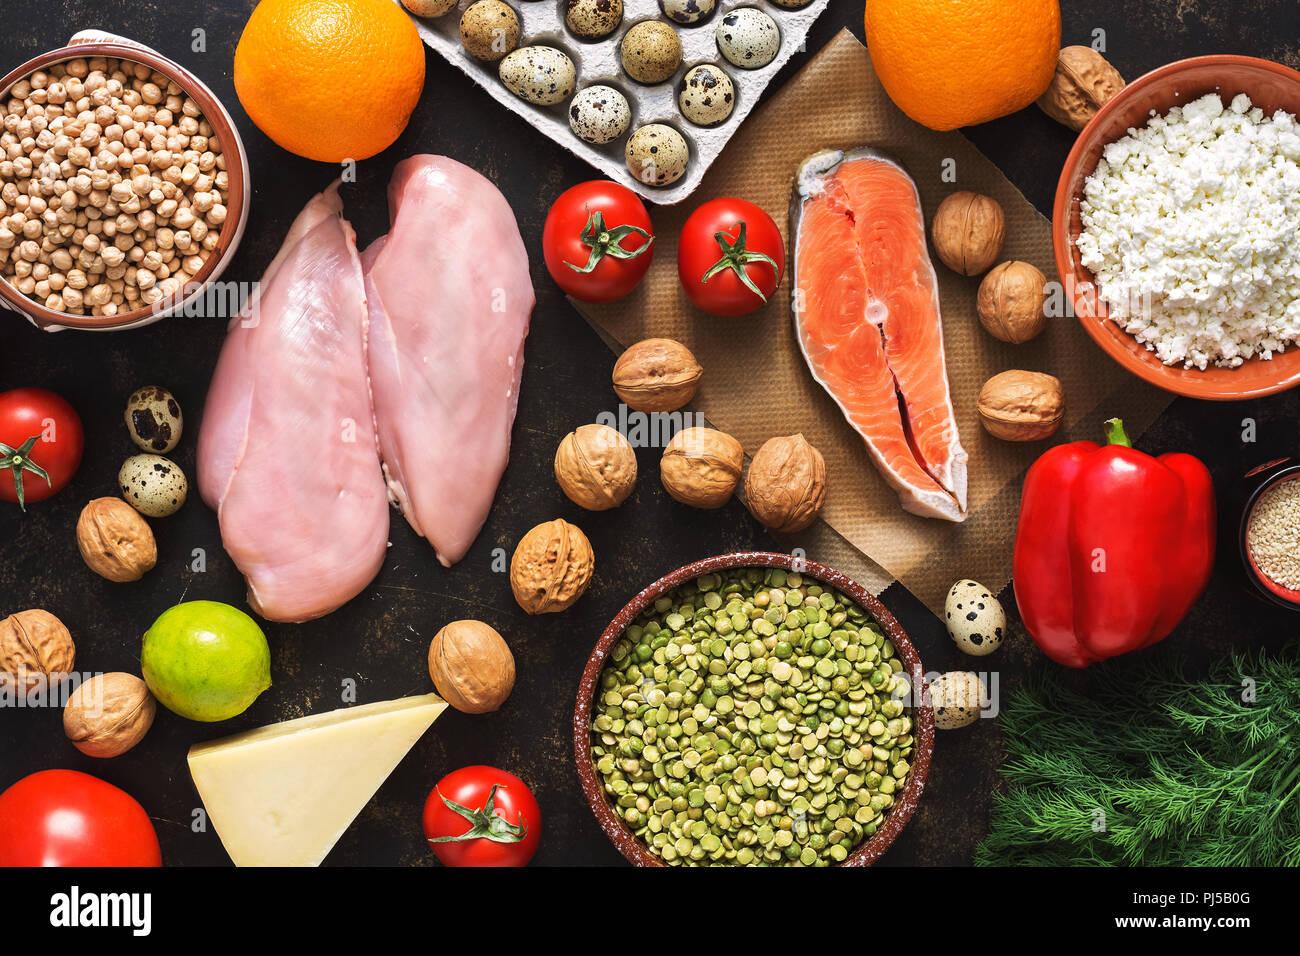 Ausgewogene diätetische Erzeugnisse. Das Konzept der gesunden Ernährung. Hintergrund einer gesunden Mahlzeit. Obst, Gemüse, Lachs, Hähnchenbrustfilet, Getreide. Der Blick von oben, flach. Stockbild